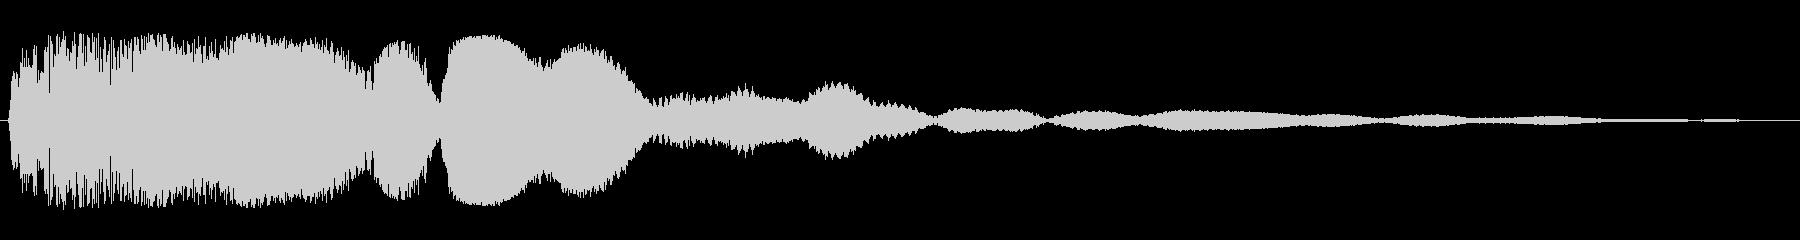 ゴーン(長く響く鐘の音)の未再生の波形